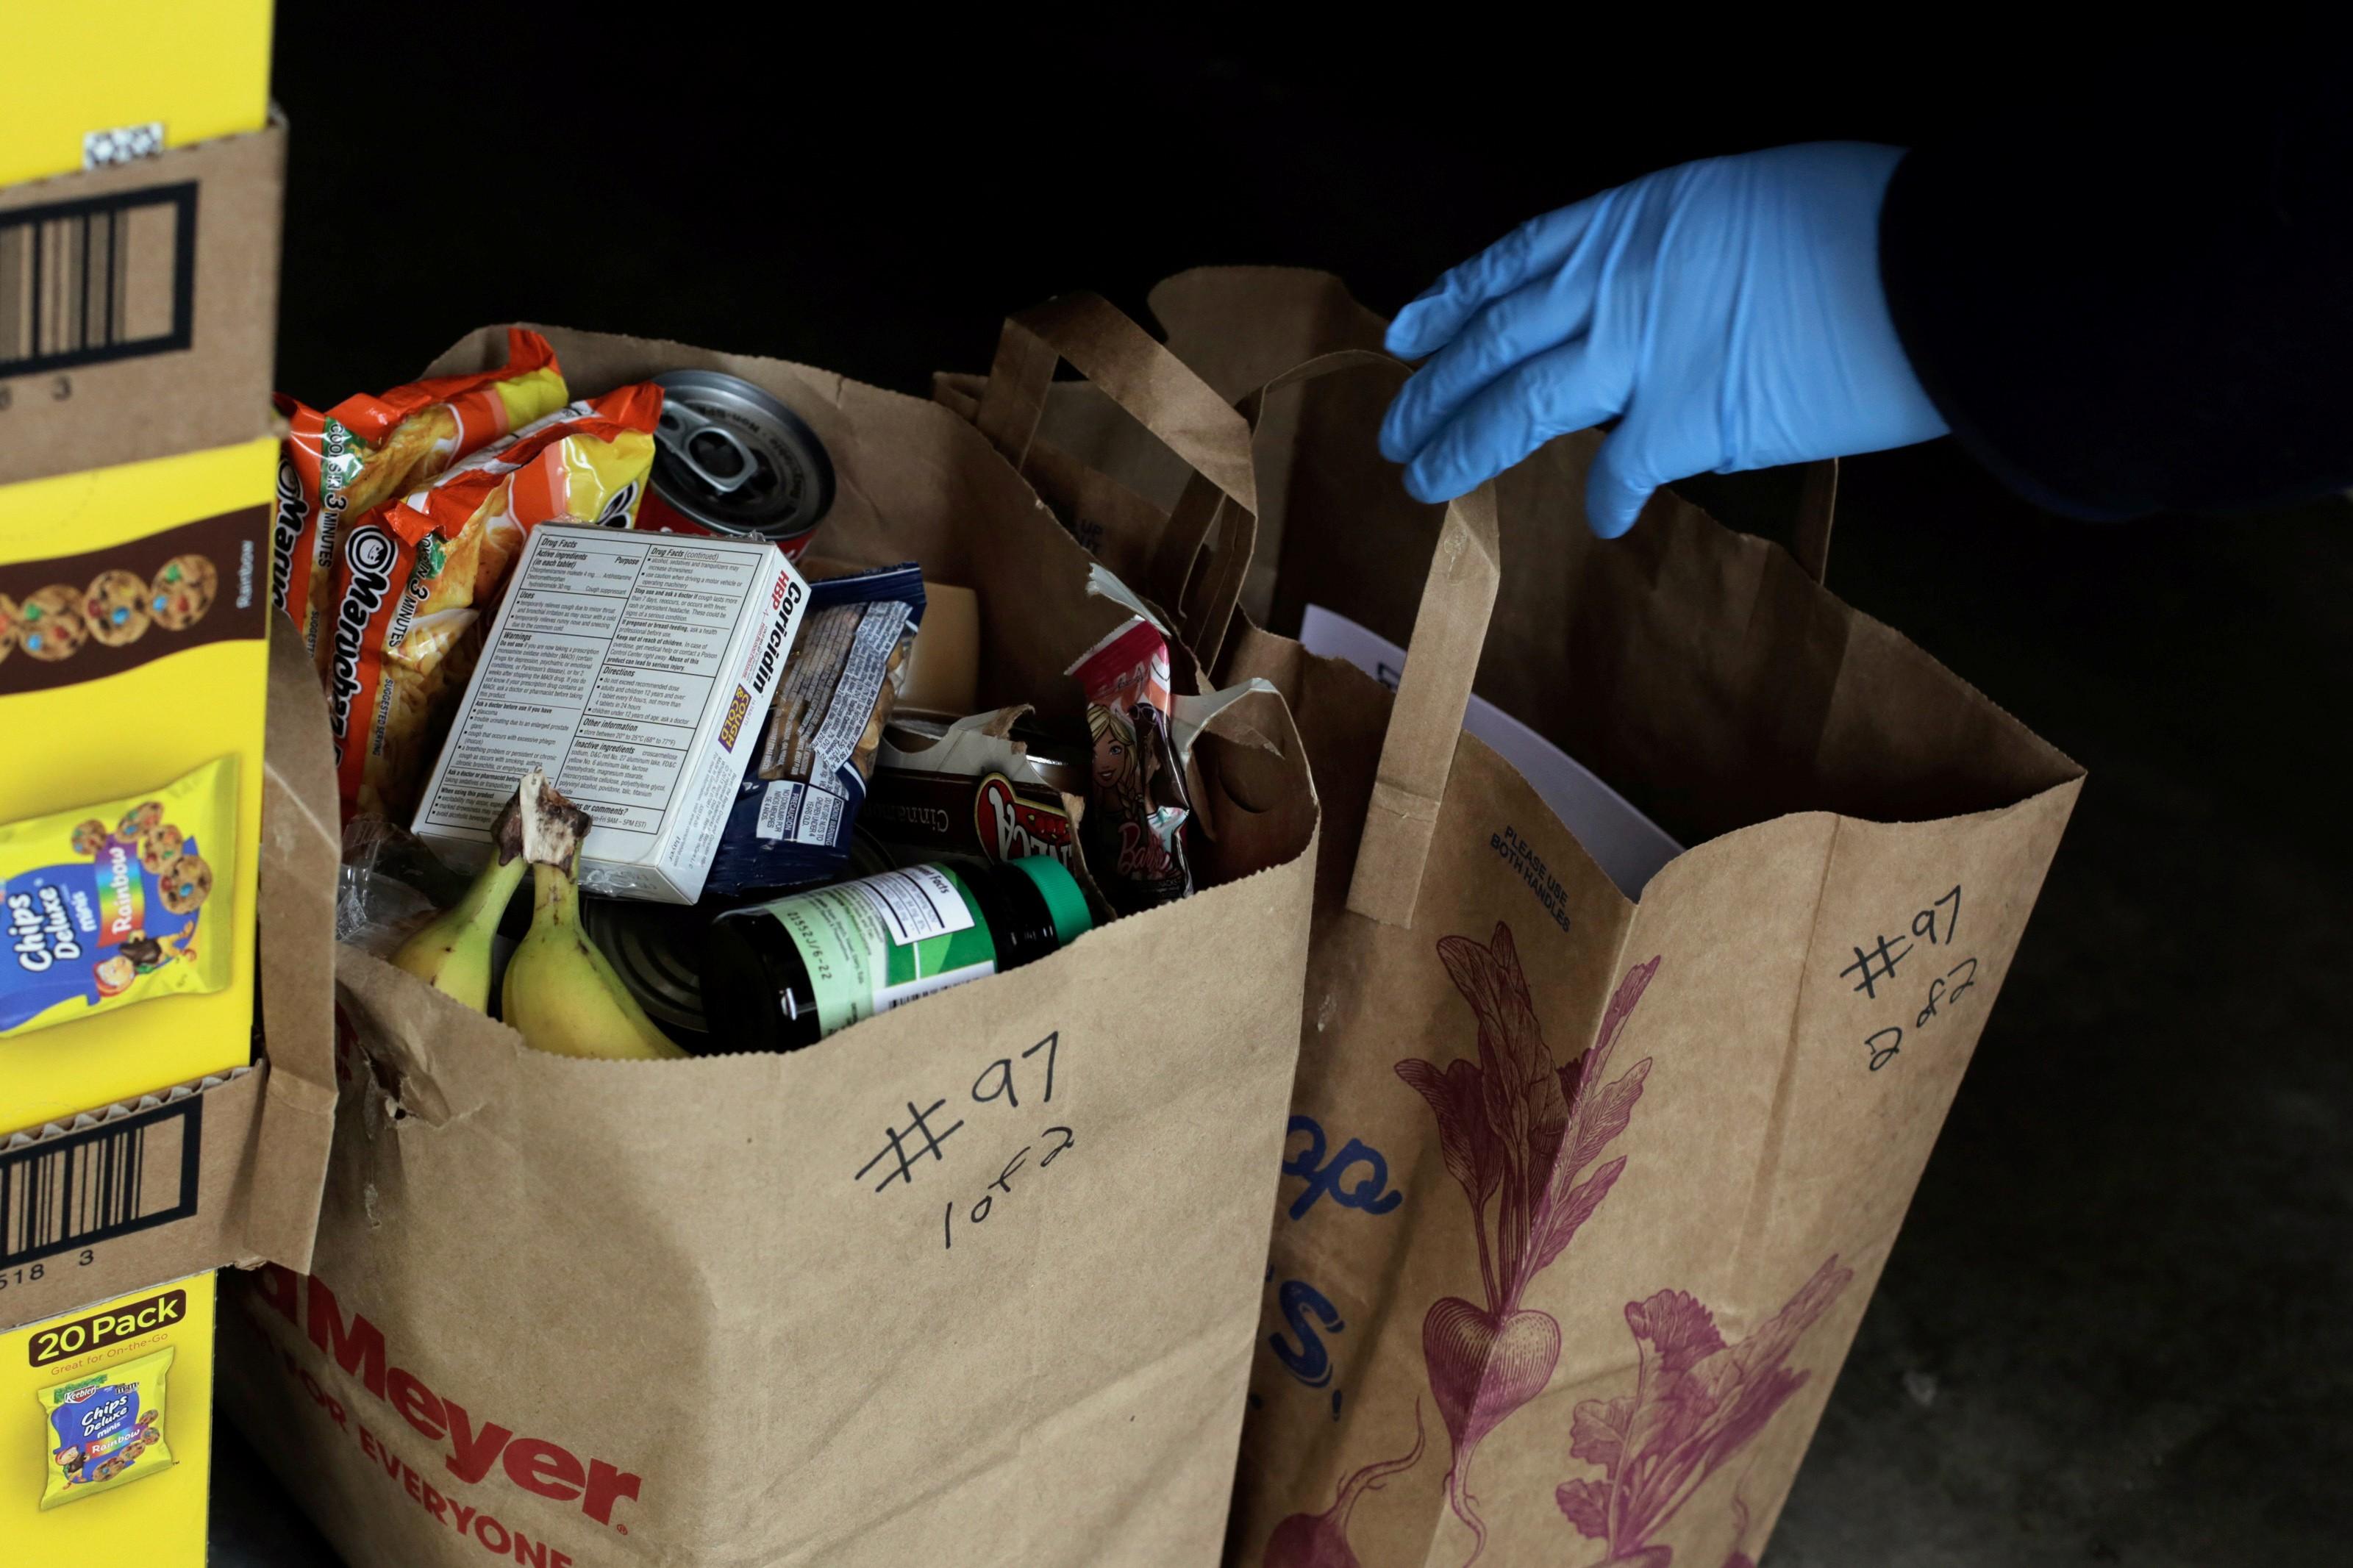 Alimentos, farmácia, brinquedos: vendas on-line crescem durante quarentena e levam empresas a mudar rotinas